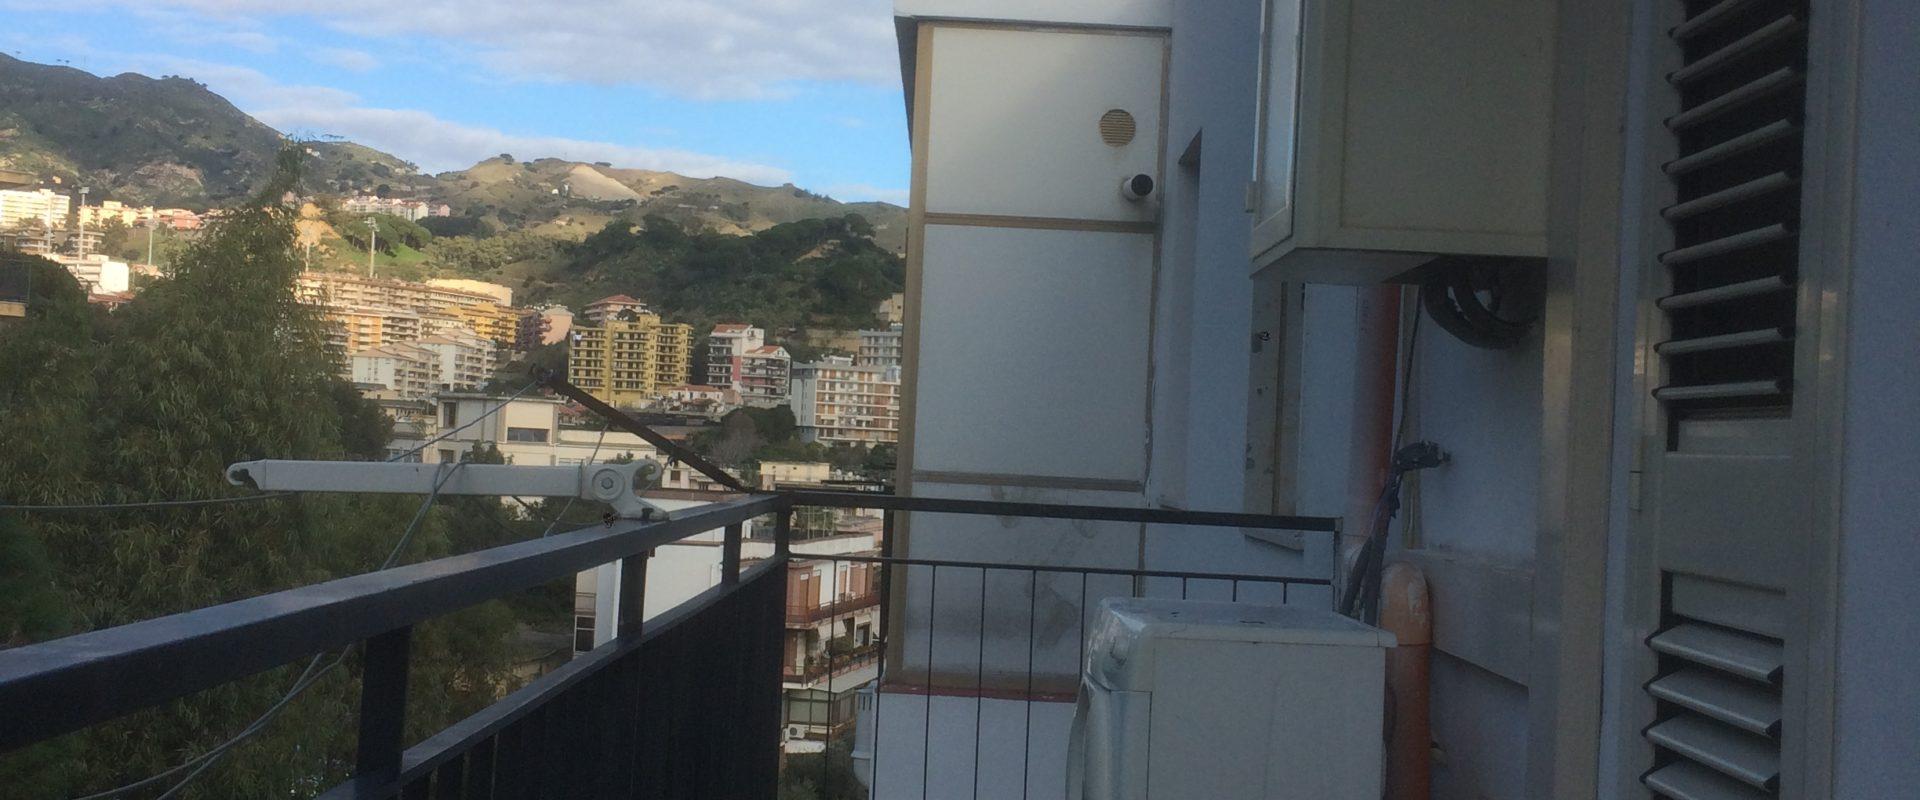 Attico panoramico in affitto pressi Viale regina elena